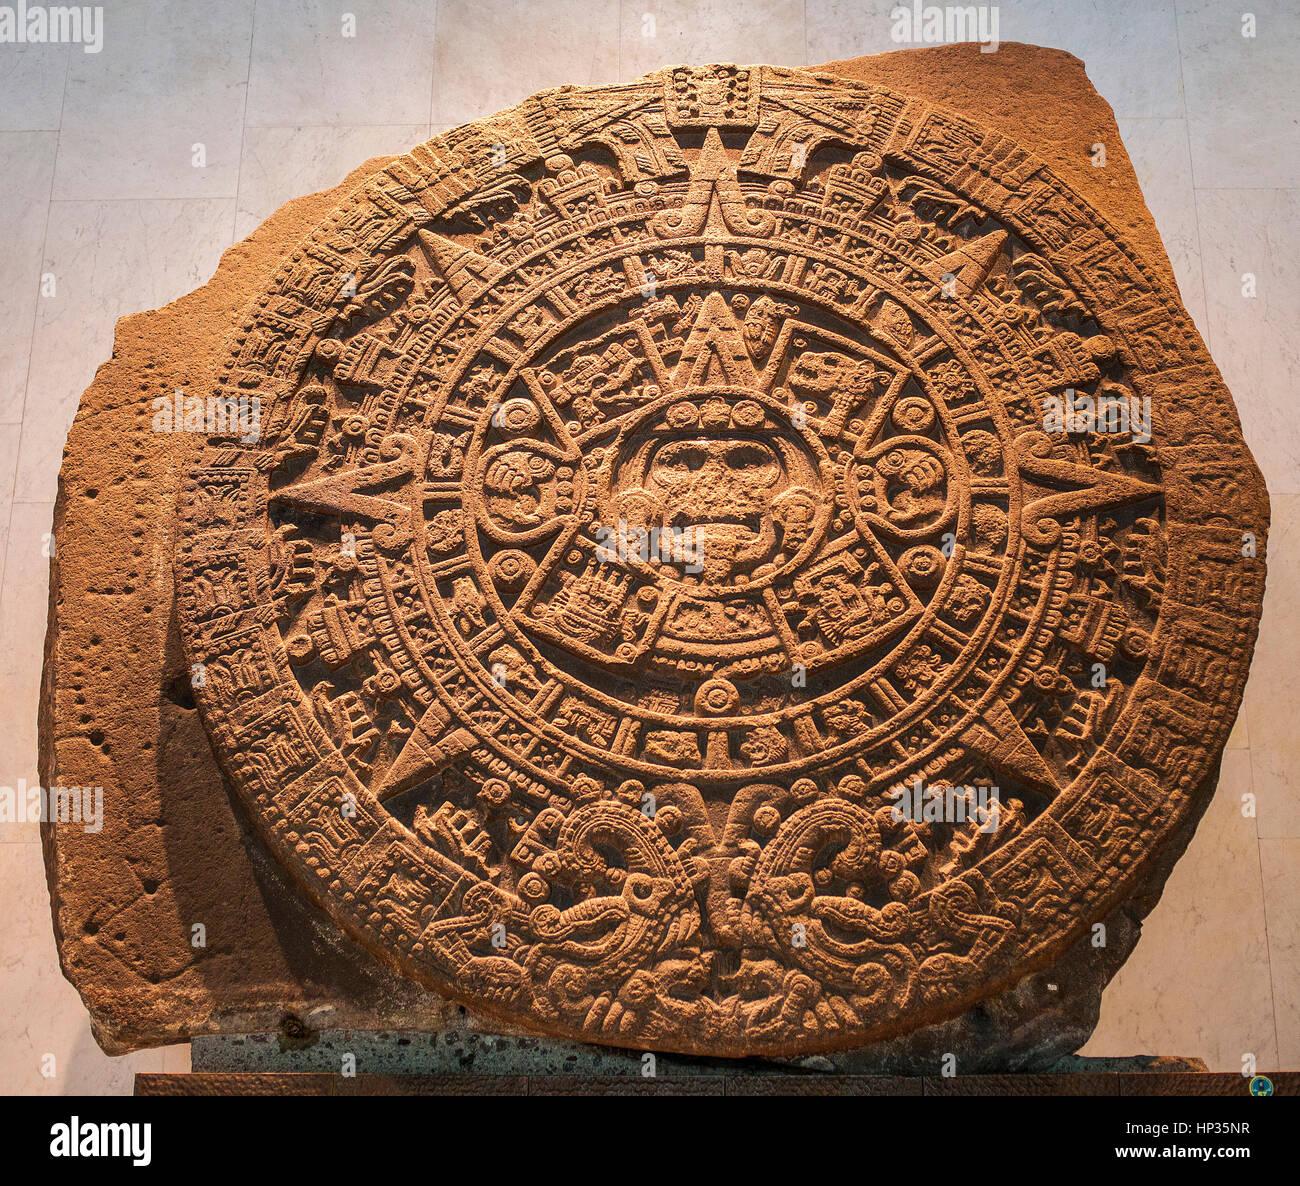 """""""Piedra del Sol"""" (Stein der Sonne), aztekische Zivilisation, Nationalmuseum für Anthropologie. Mexiko Stockbild"""